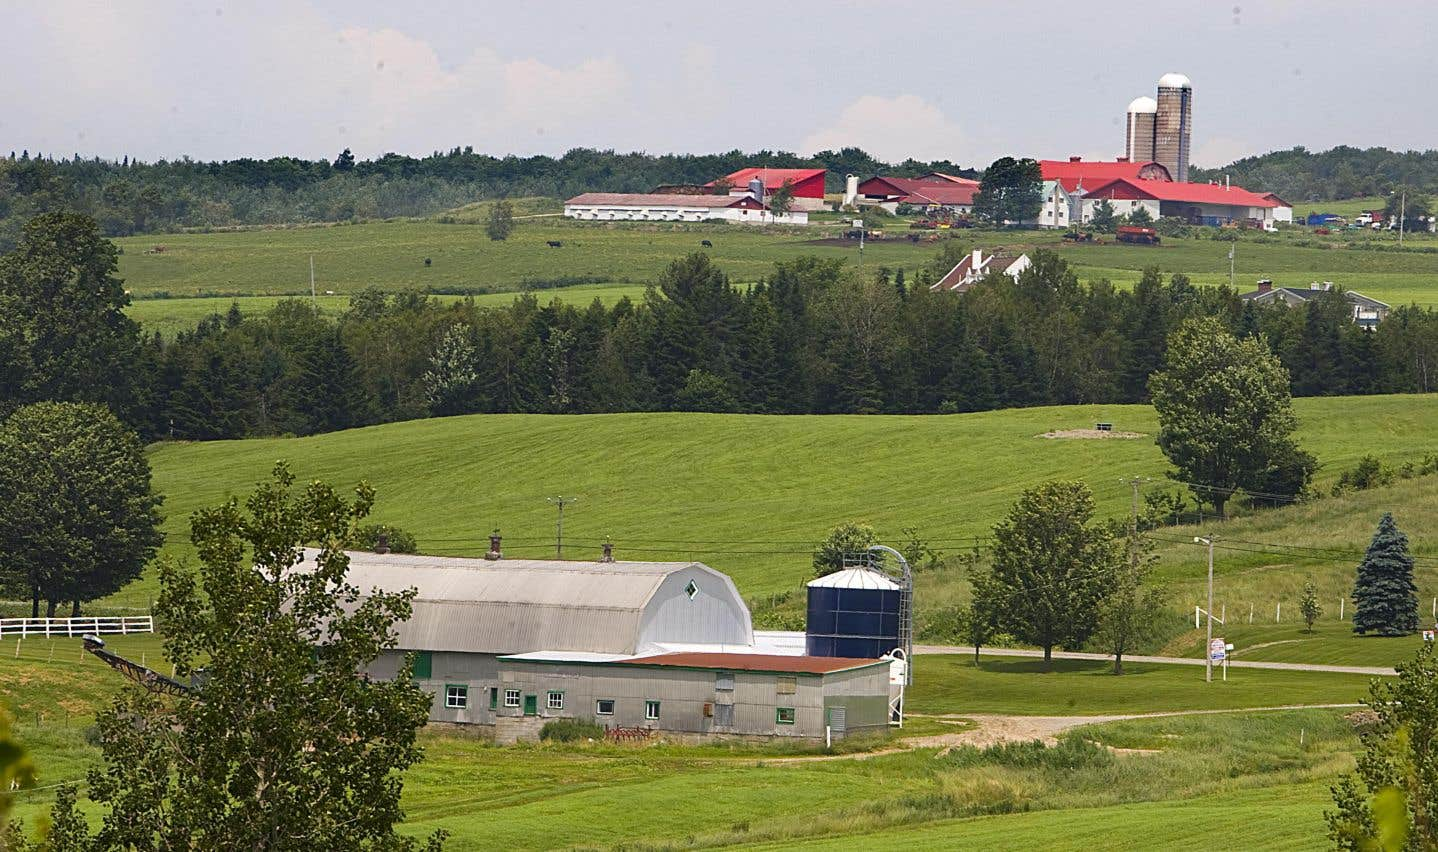 Plan de développement de la zone agricole: un outil pour l'agriculture